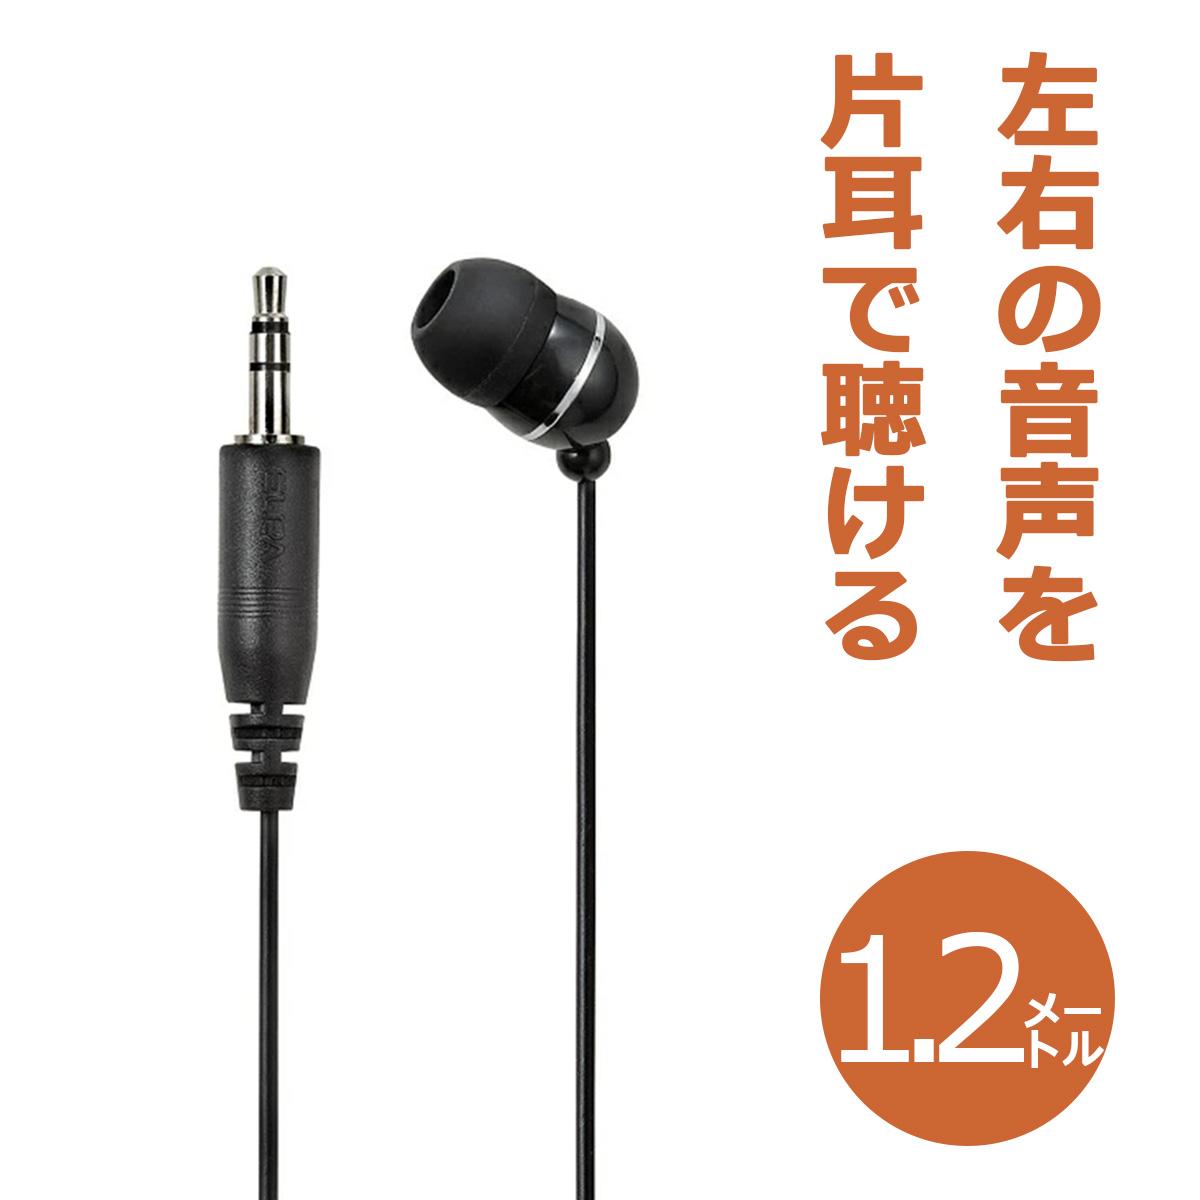 メール便送料無料 エルパ 直輸入品激安 1.2m カナル型 地デジTV用片耳イヤホン 黒 BK RE-STK01 左右の音を片耳でクリアに聴ける 驚きの値段で 朝日電器 ELPA やさしく快適な装着感